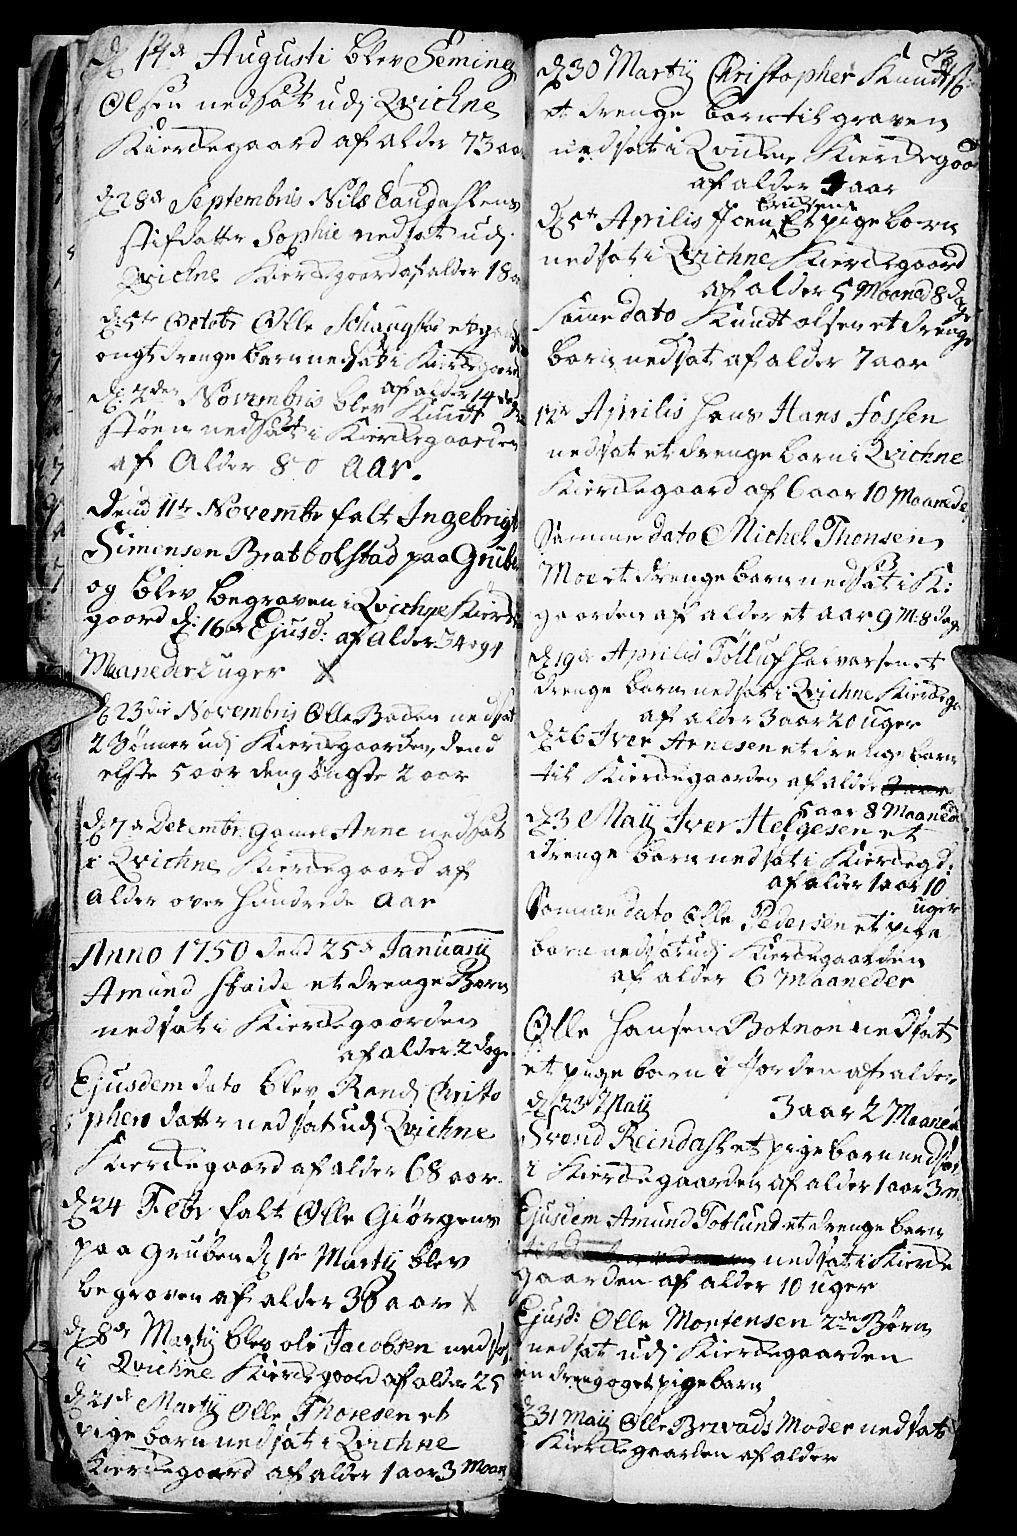 SAH, Kvikne prestekontor, Parish register (official) no. 1, 1740-1756, p. 12-13